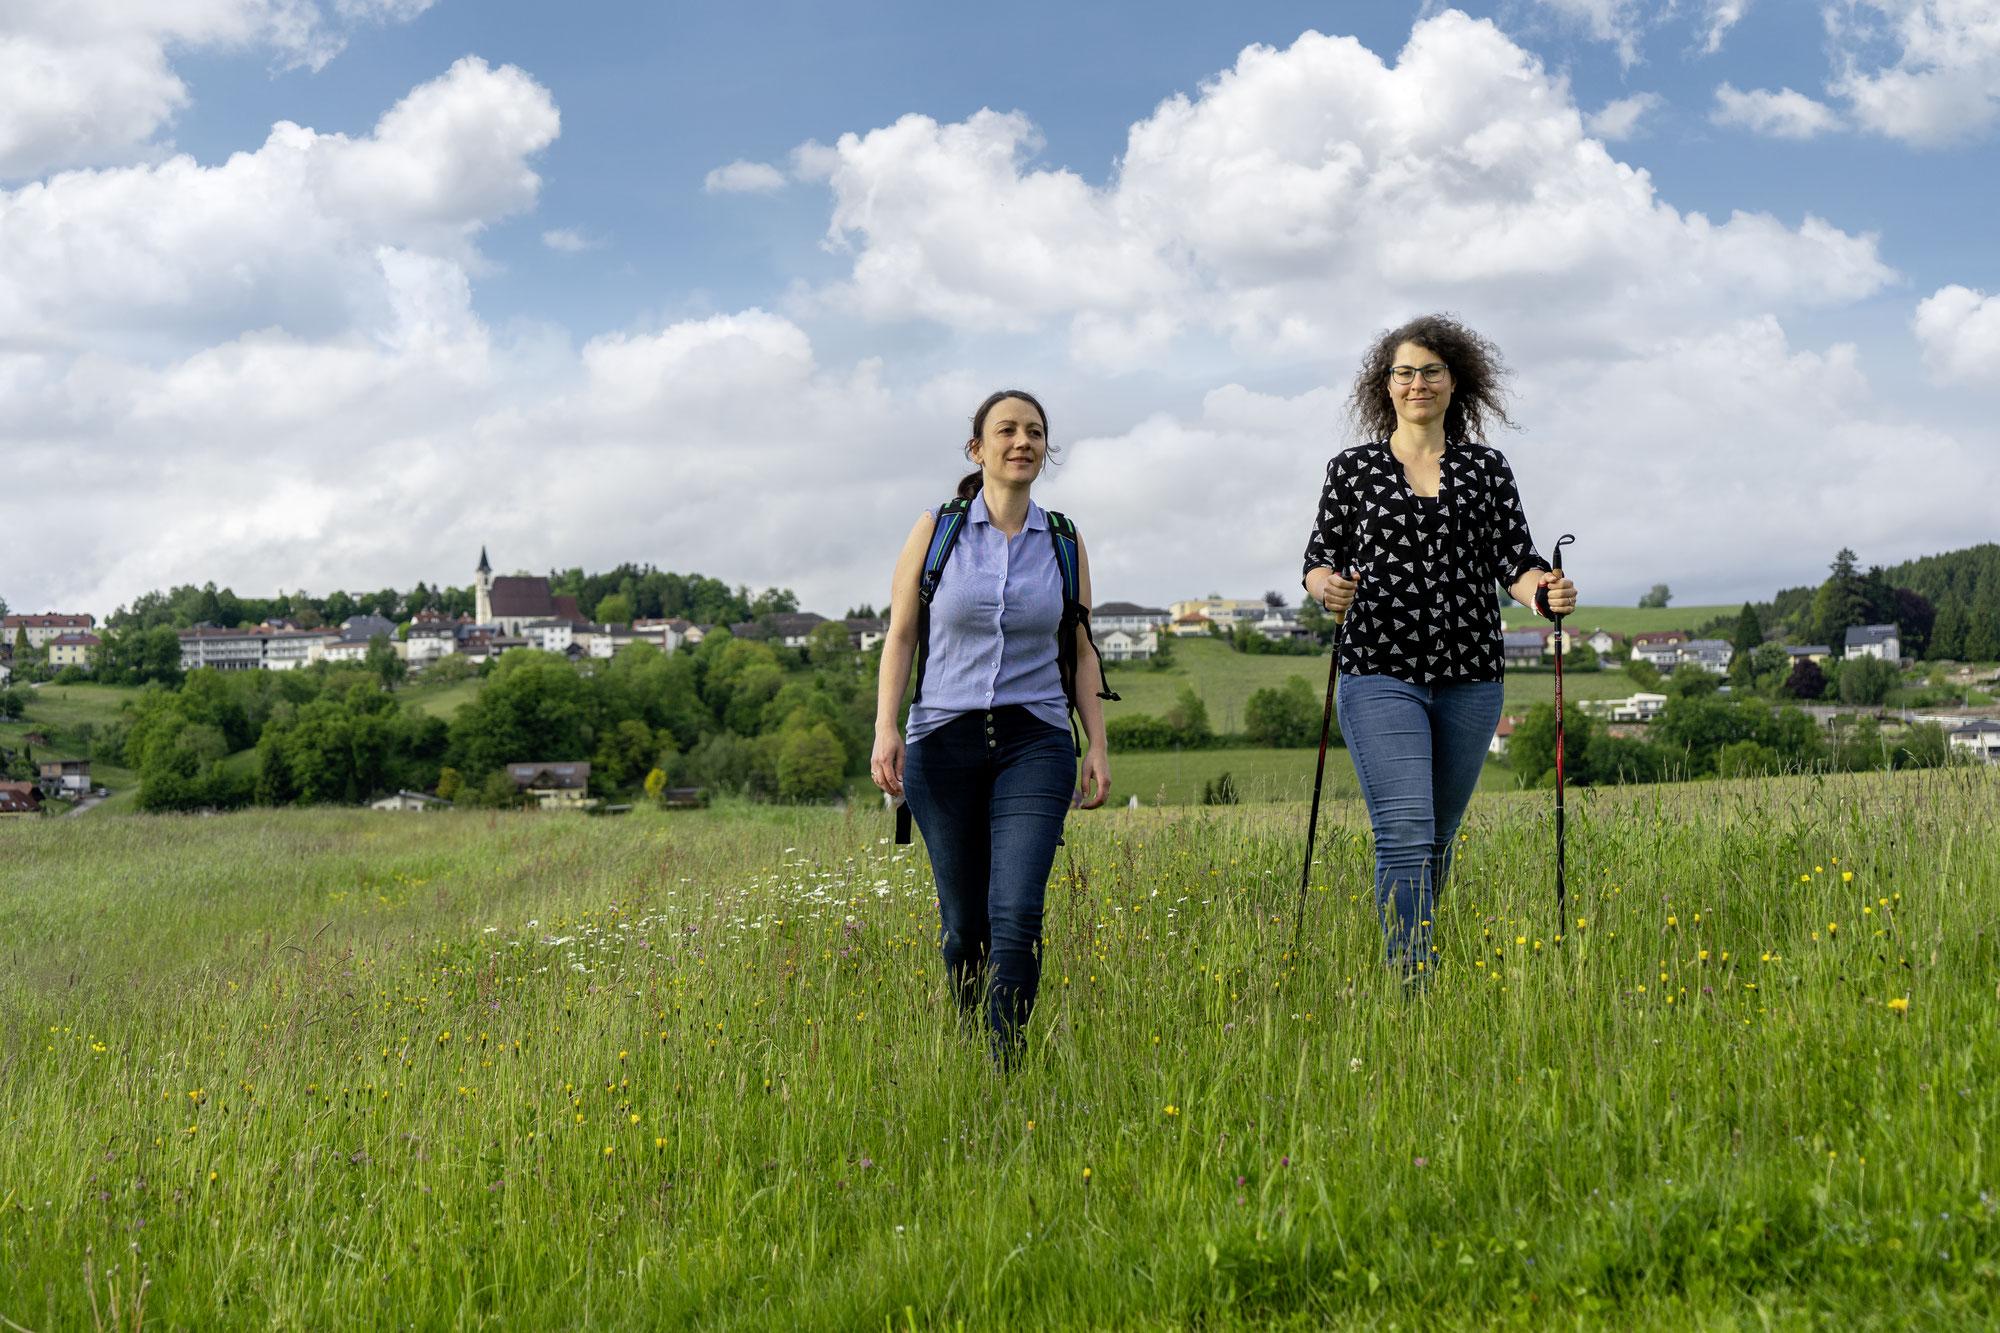 Mitzi und Susi wandern